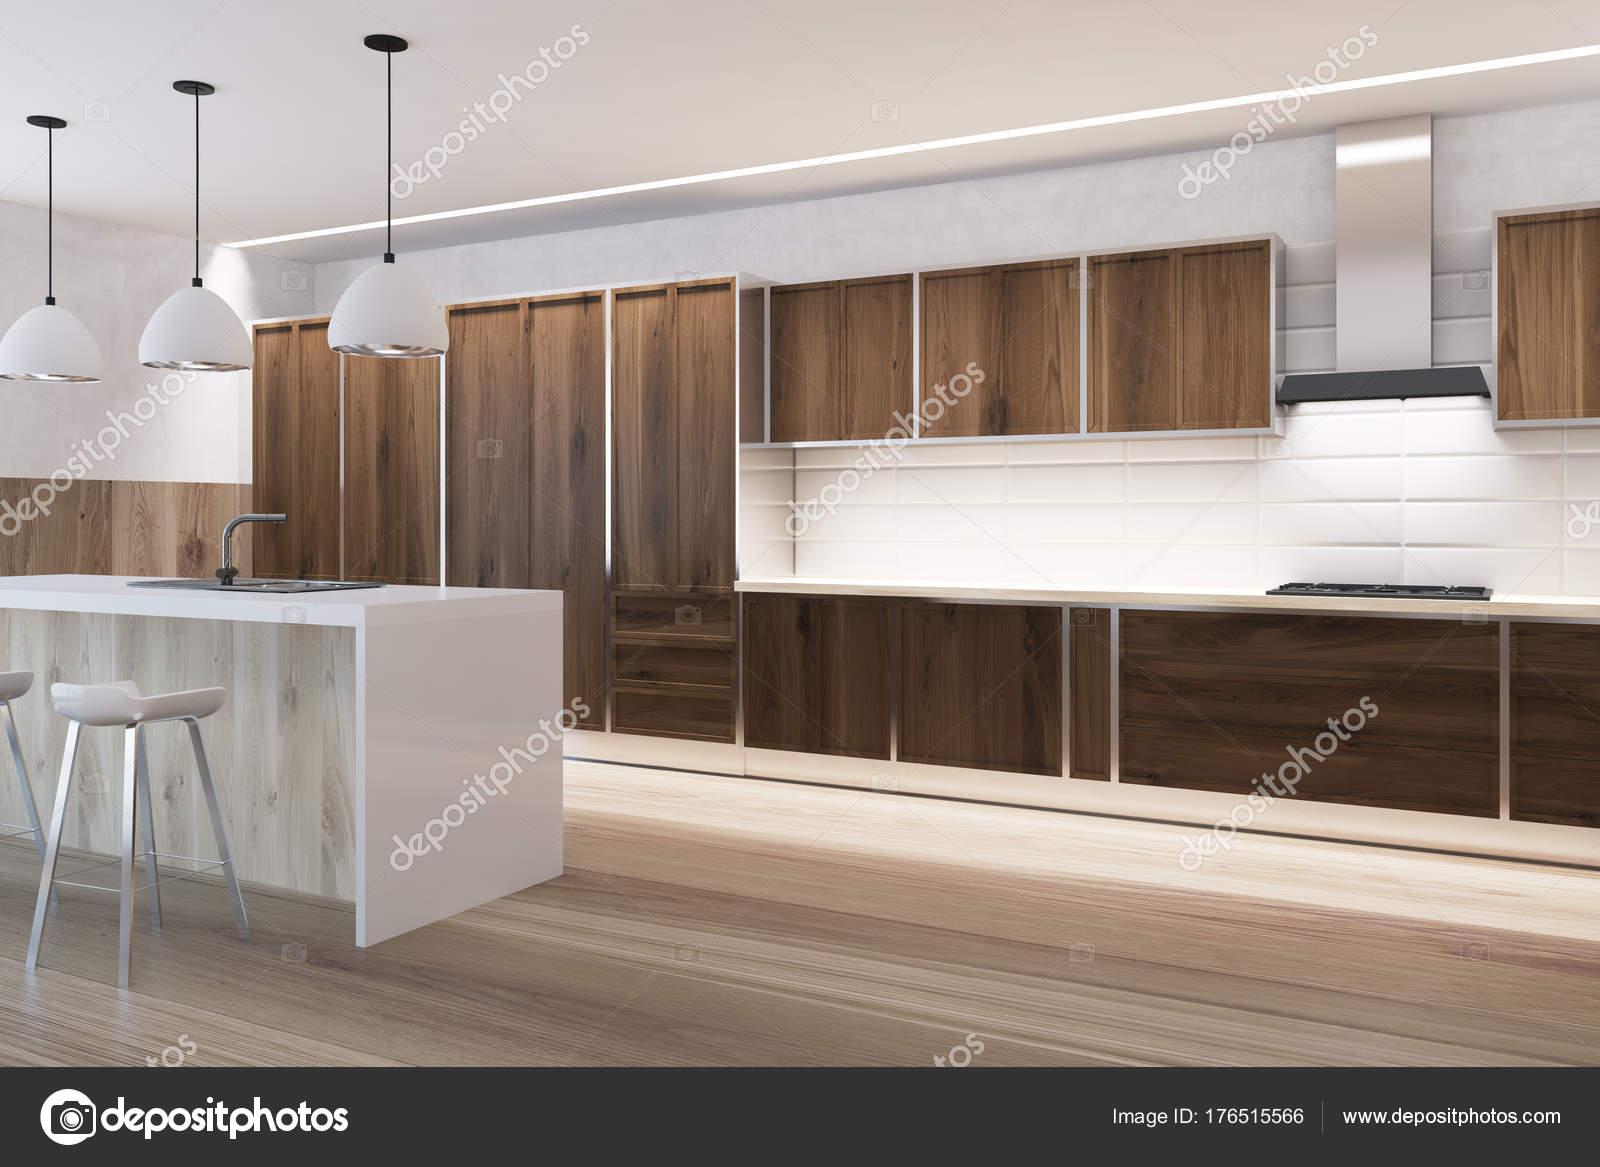 Tegels Keuken Witte : Kant witte tegels en houten keuken interieur bar u2014 stockfoto